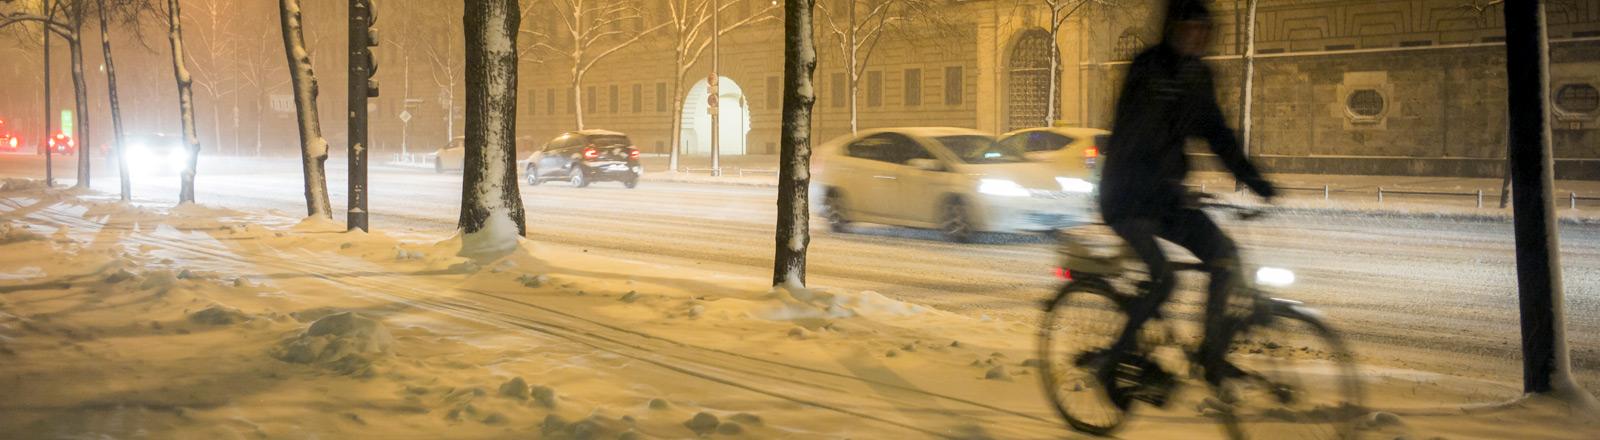 Ein Mann fährt Rad auf einem verschneiten Radweg.